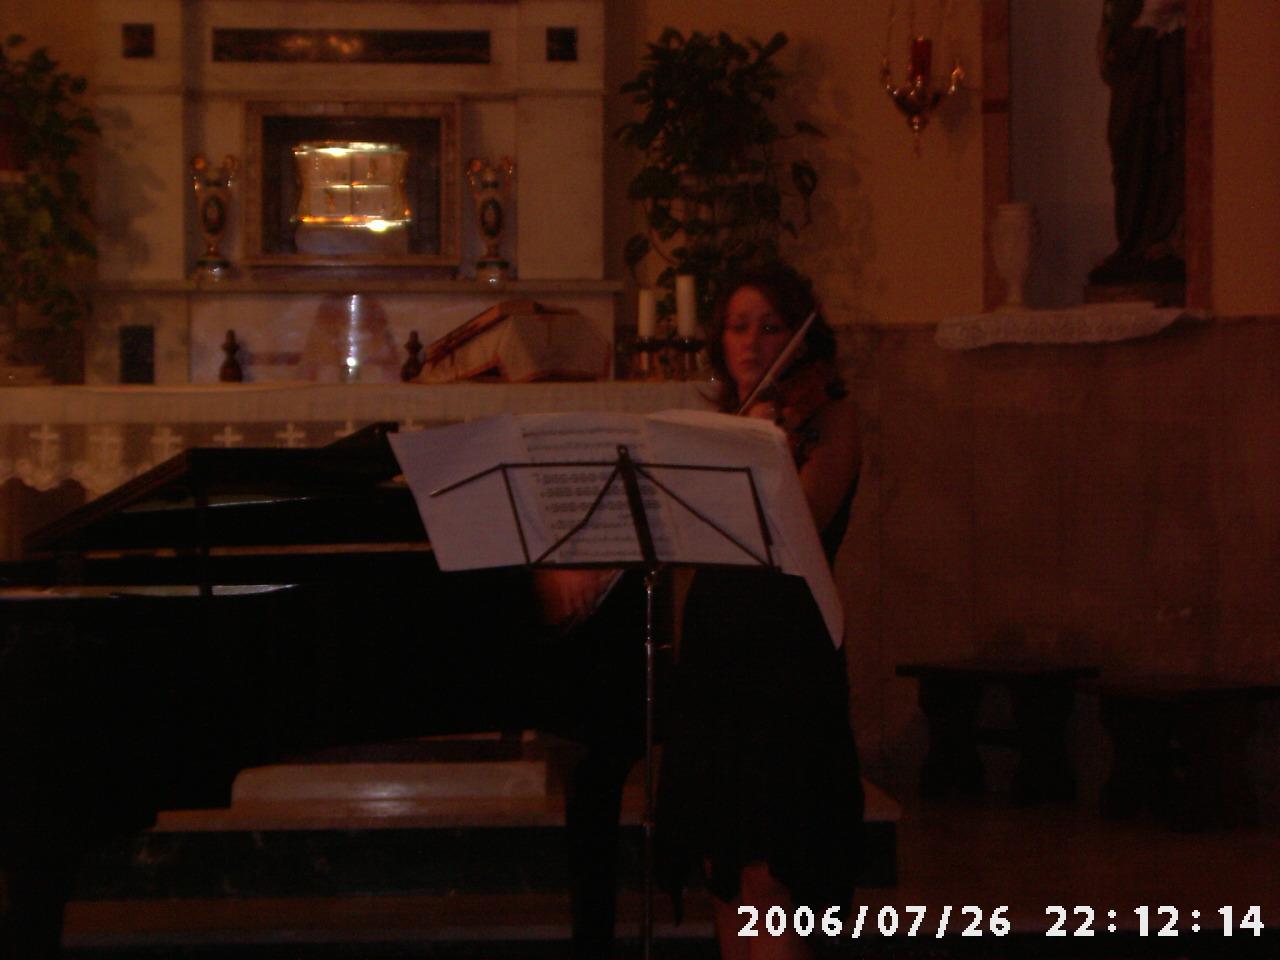 Corsi 2006